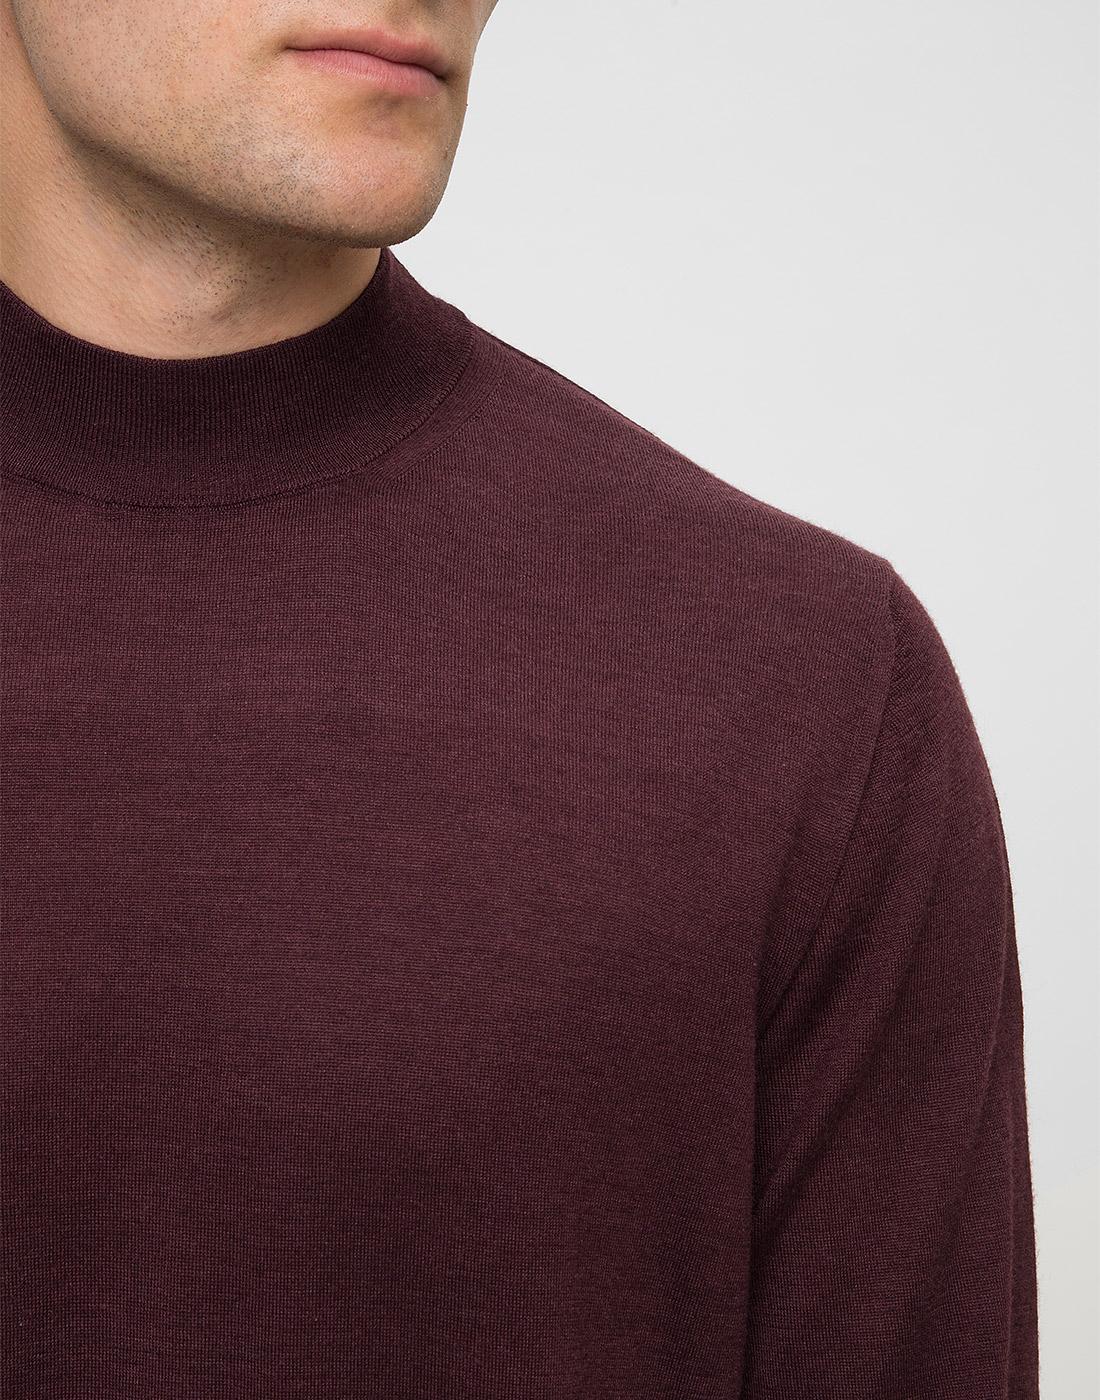 Мужской бордовый шерстяной свитер Dalmine S797020 835-6